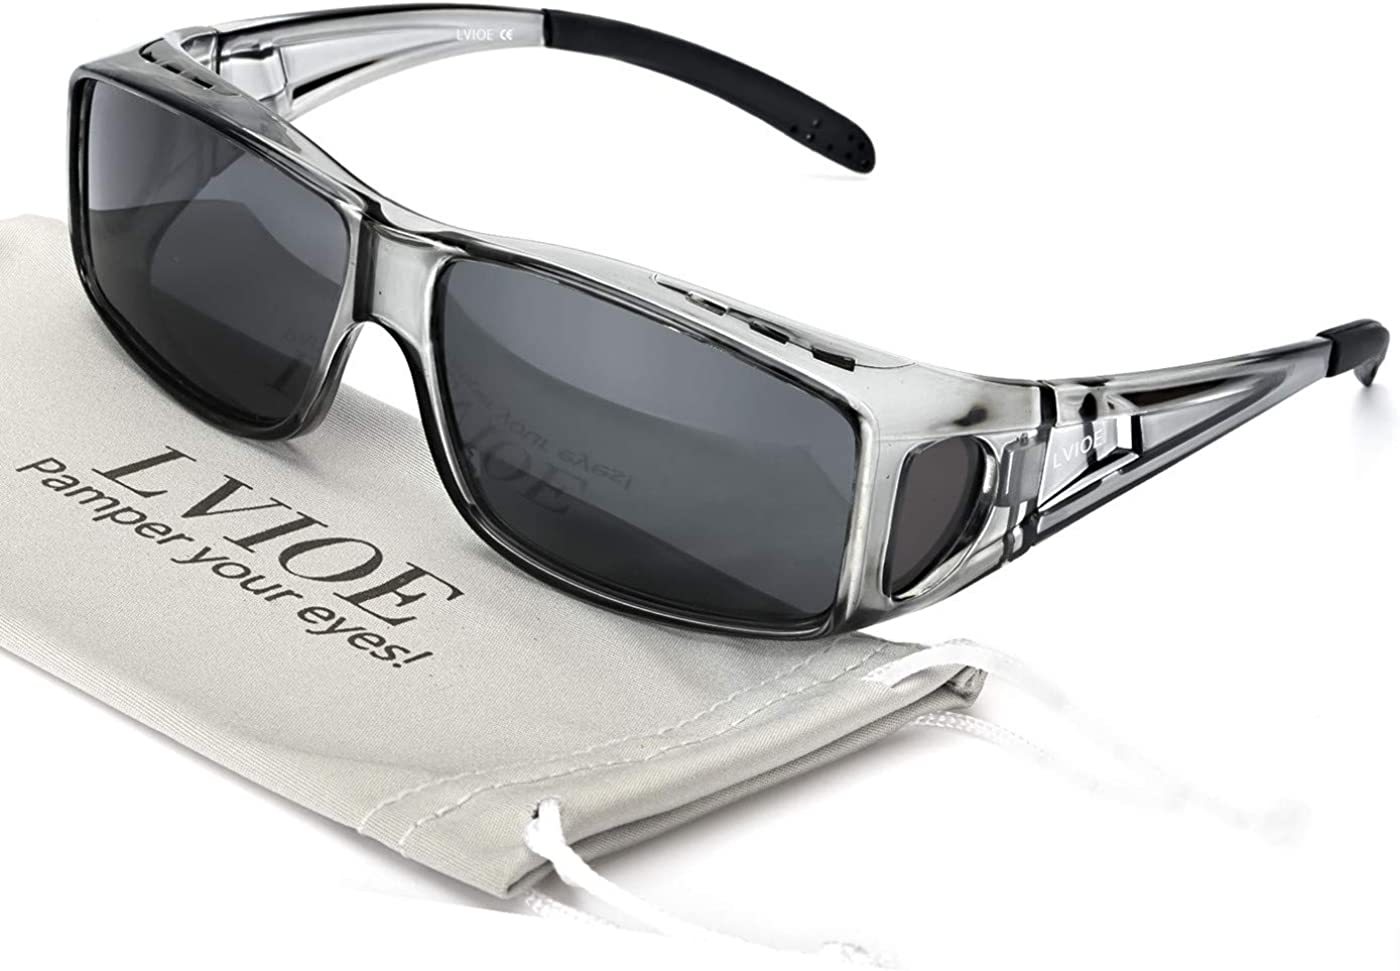 LVIOE Gafas de Sol Sobre Gafas, gafas de sol de Fitover de la prescripción Estilos unisex, Protección 100% UVA UVB Para Colocar Sobre las Gafas Normales y de Lectura